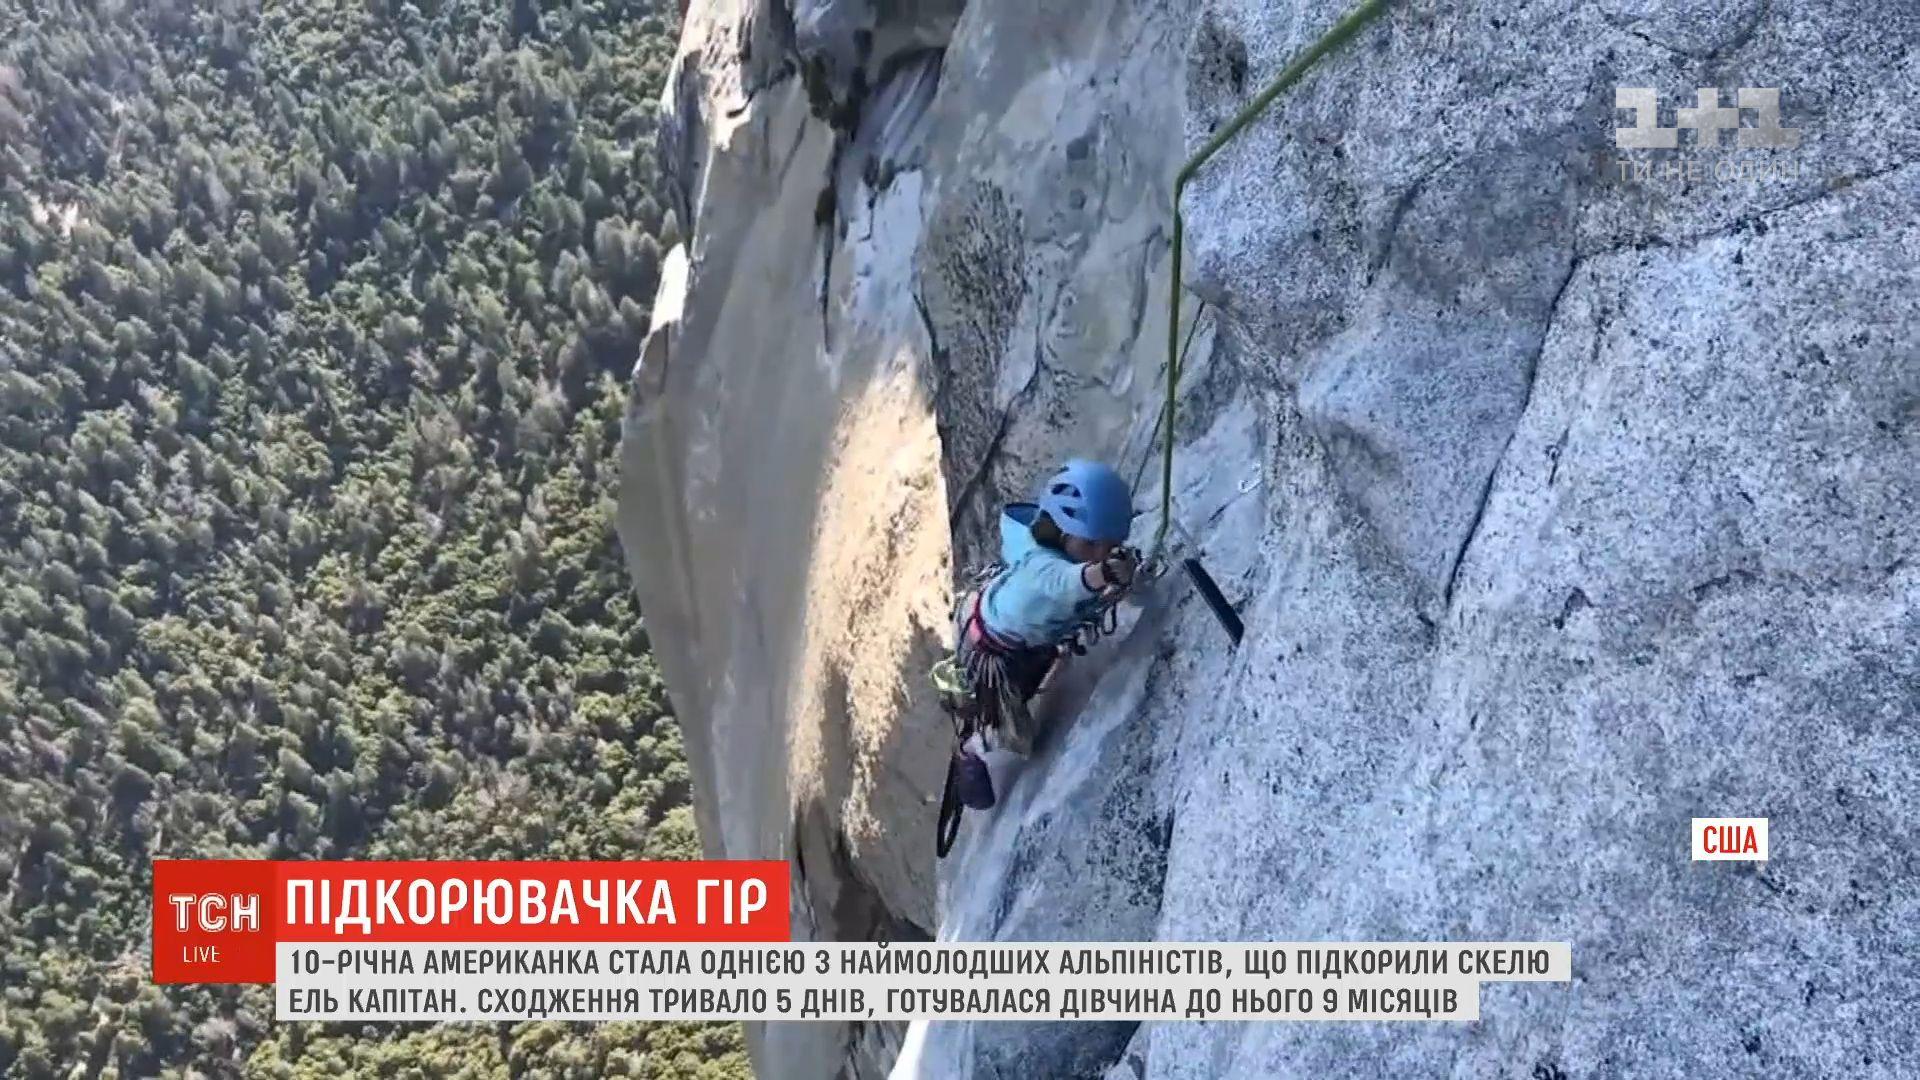 10-летняя девочка покорила вершину вместе с отцом и другом семьи / скриншот